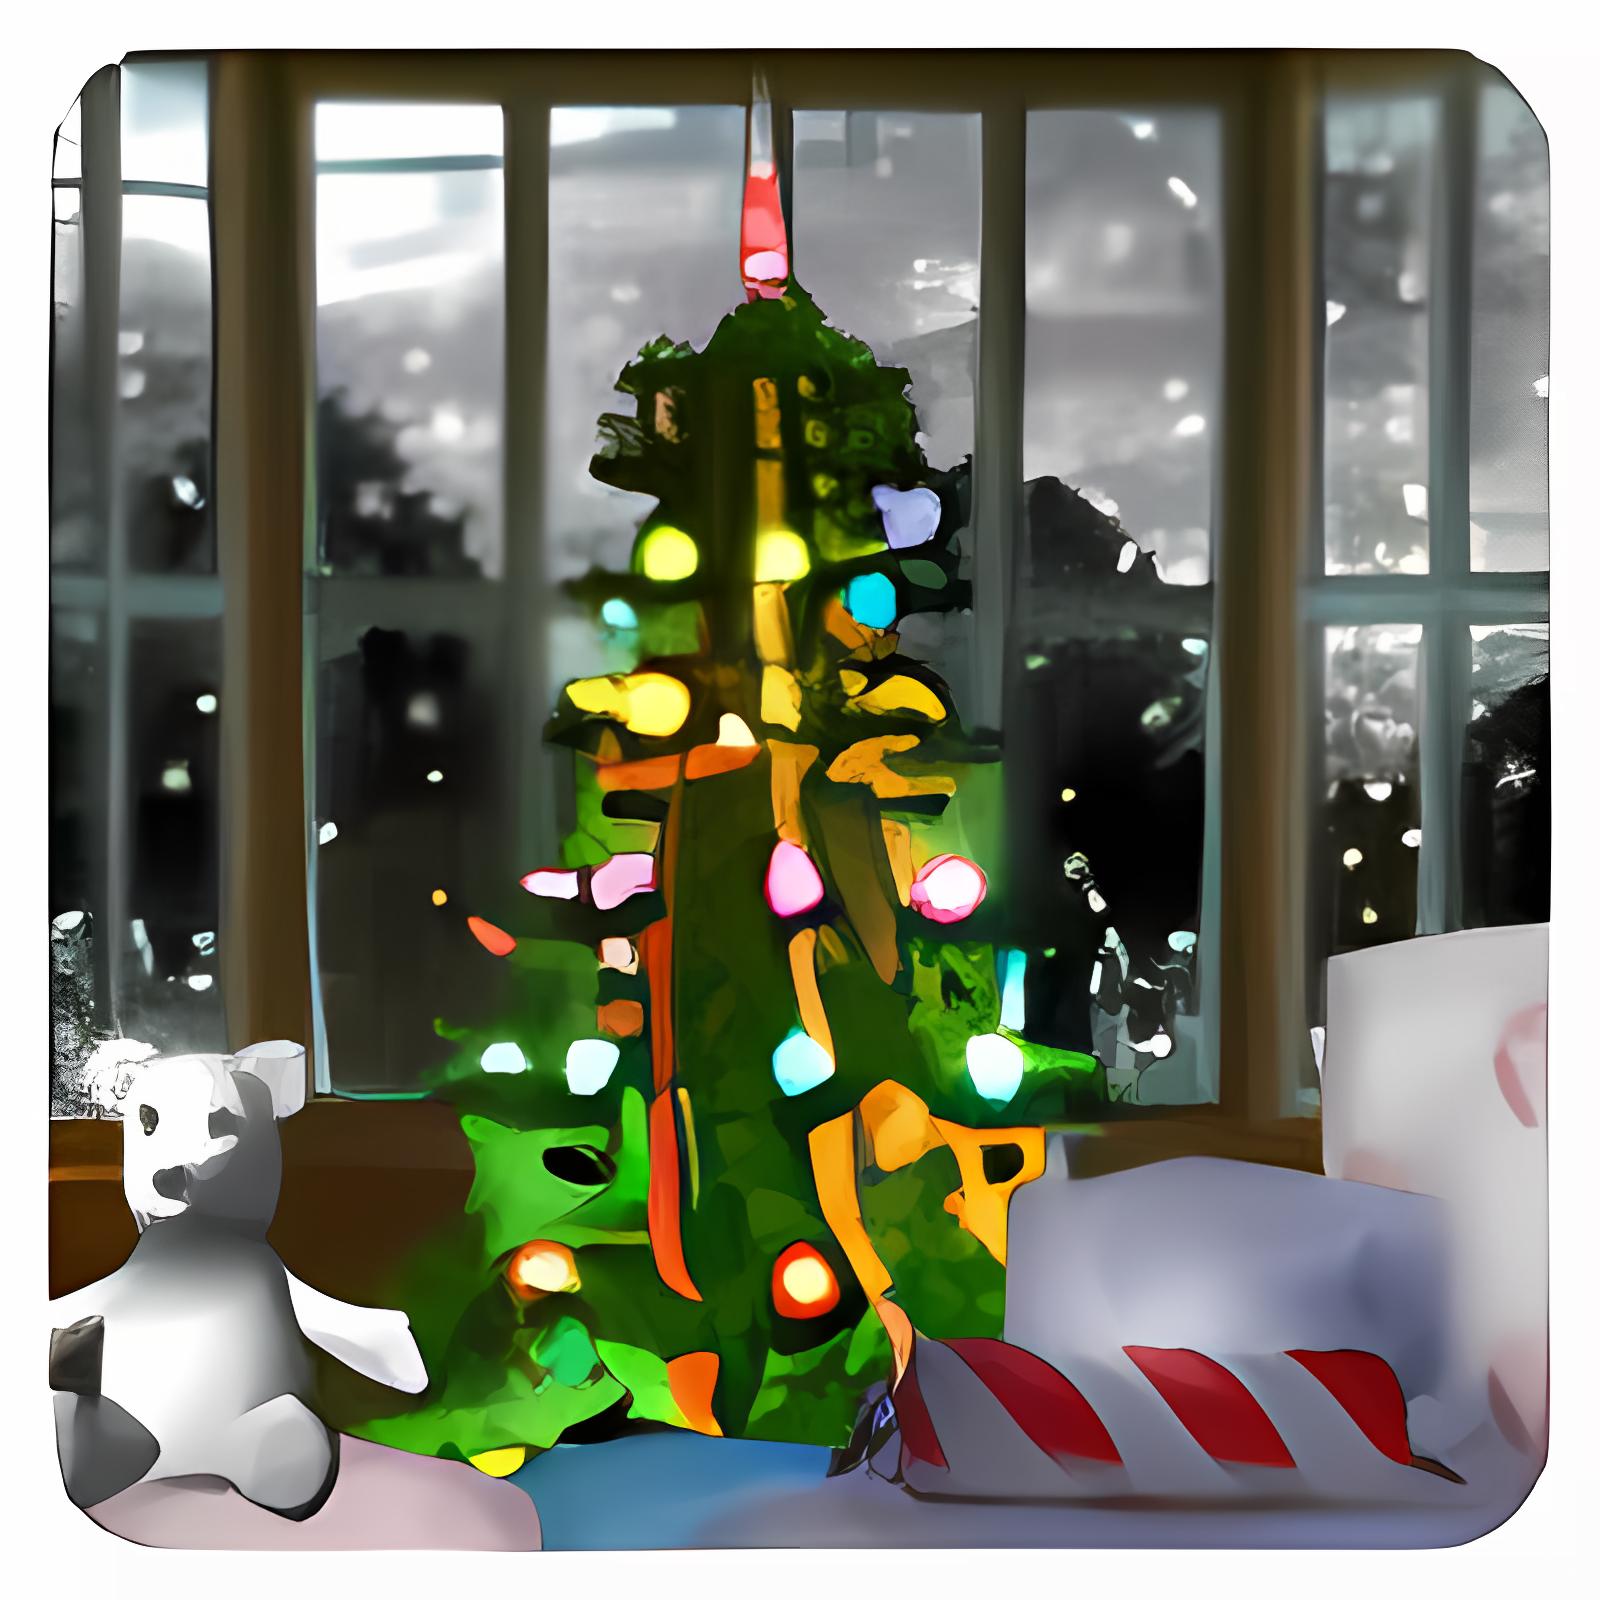 3D Merry Christmas Screensaver